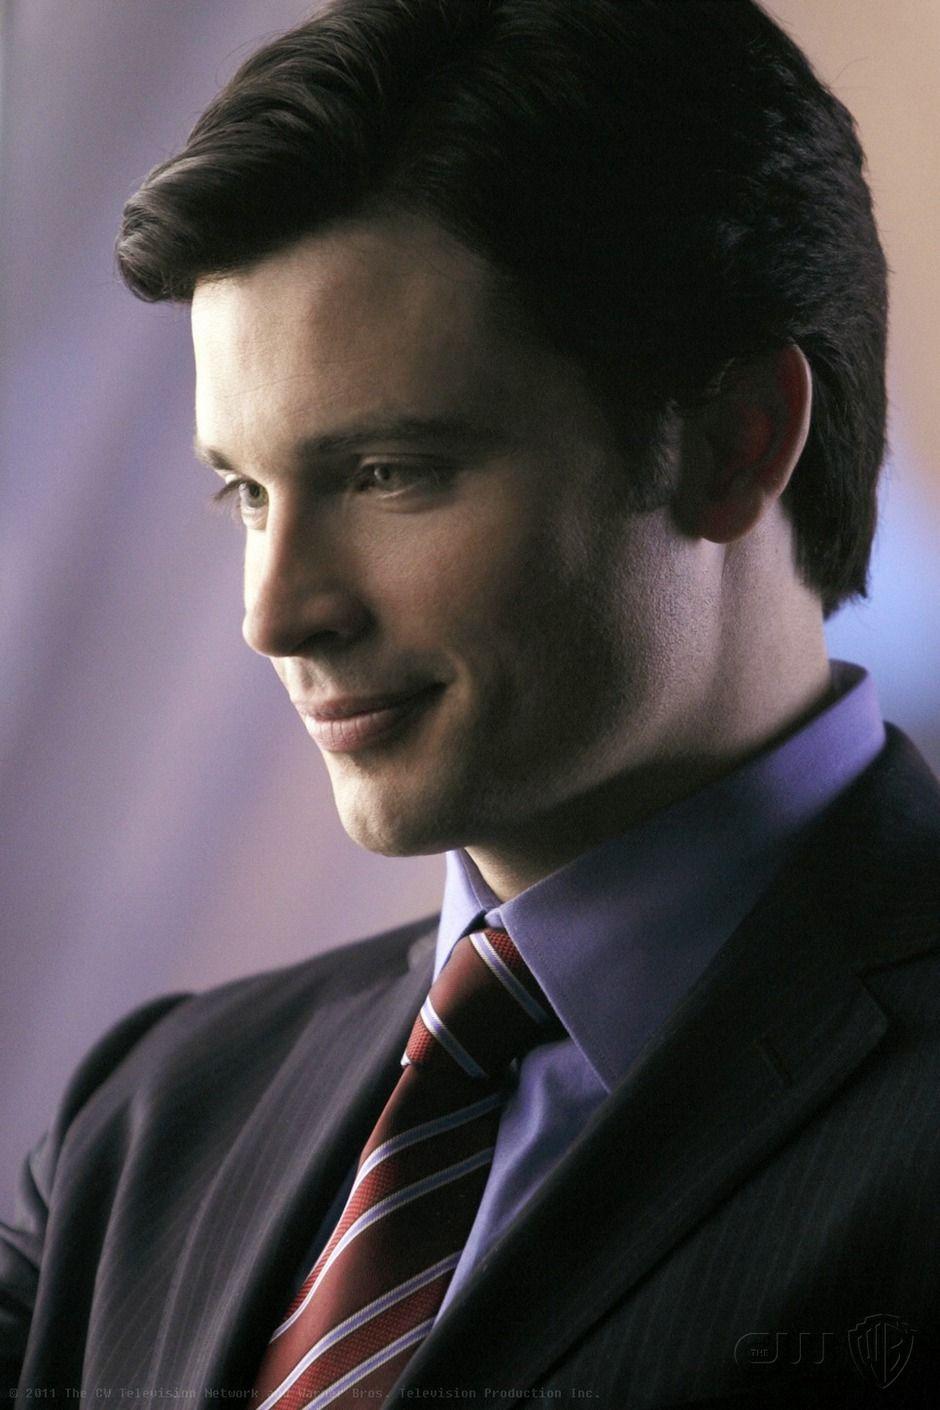 Tom Welling (Clark Kent) in 'Smallville